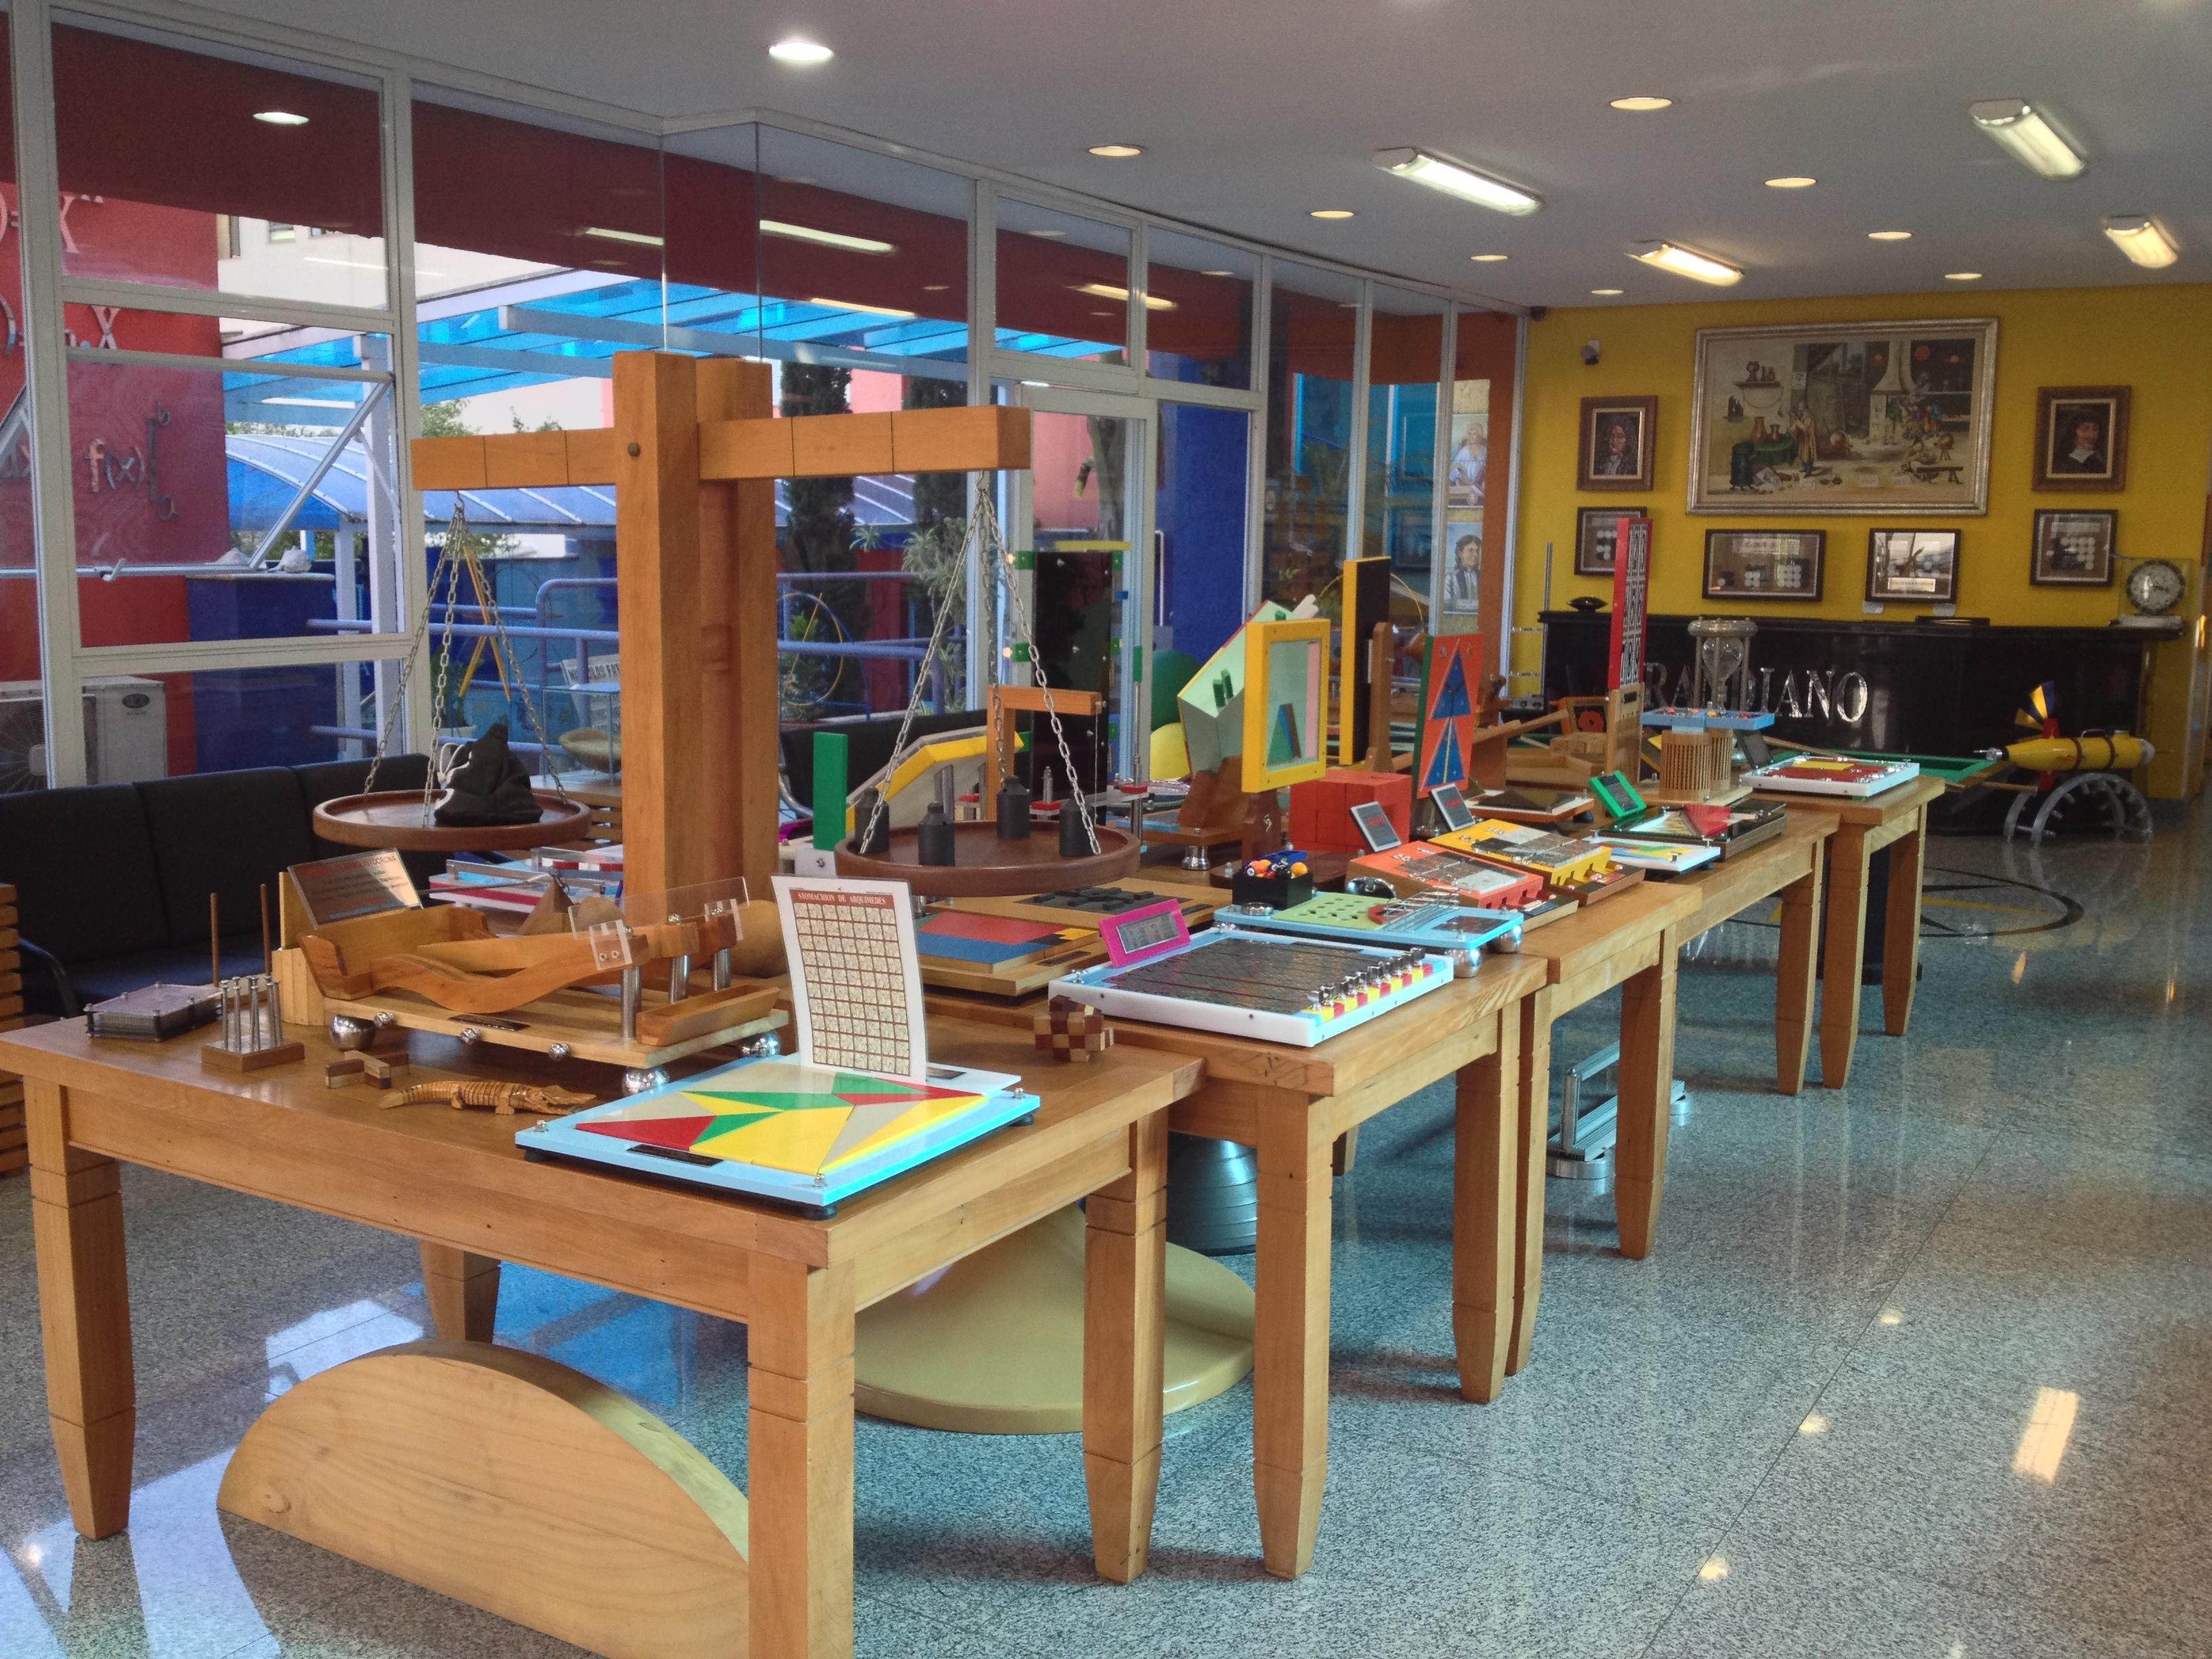 Galeria do Museu da Matemática